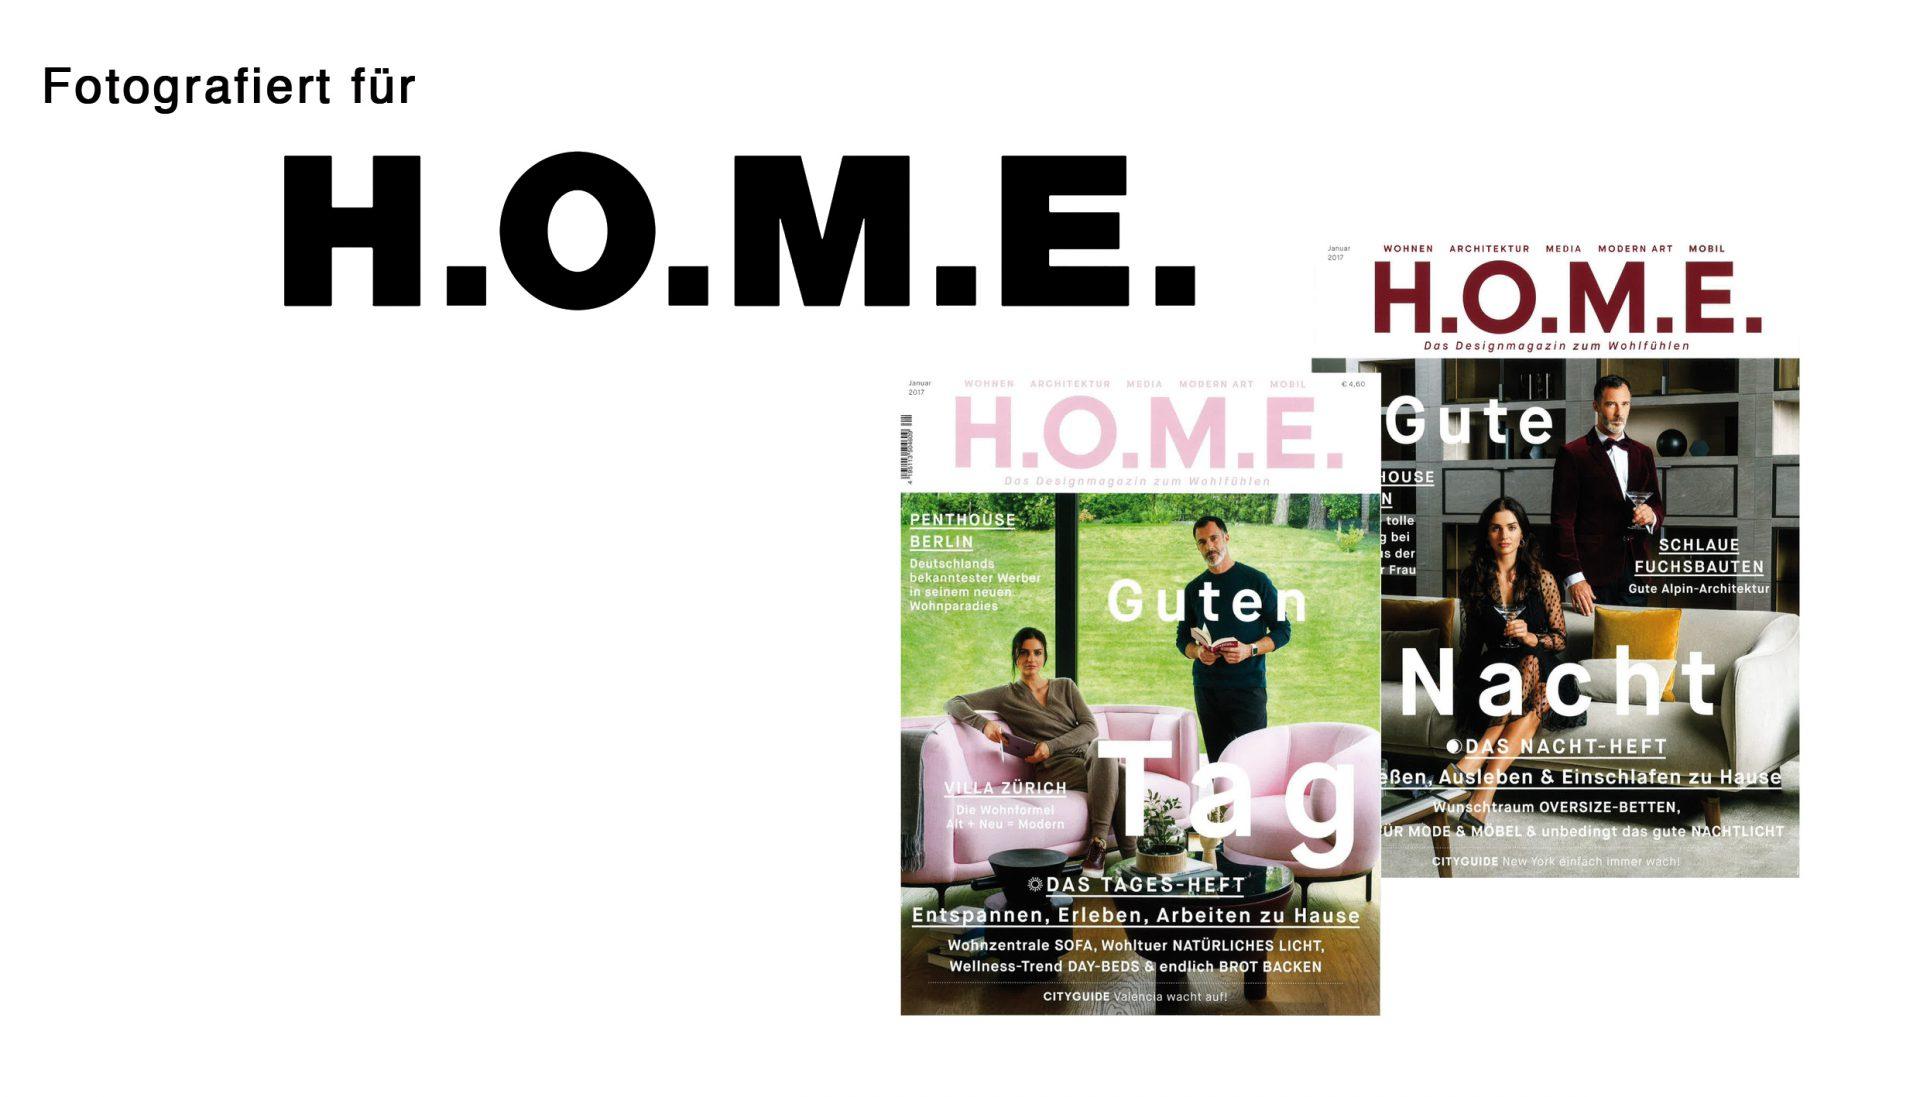 home_tag-nacht